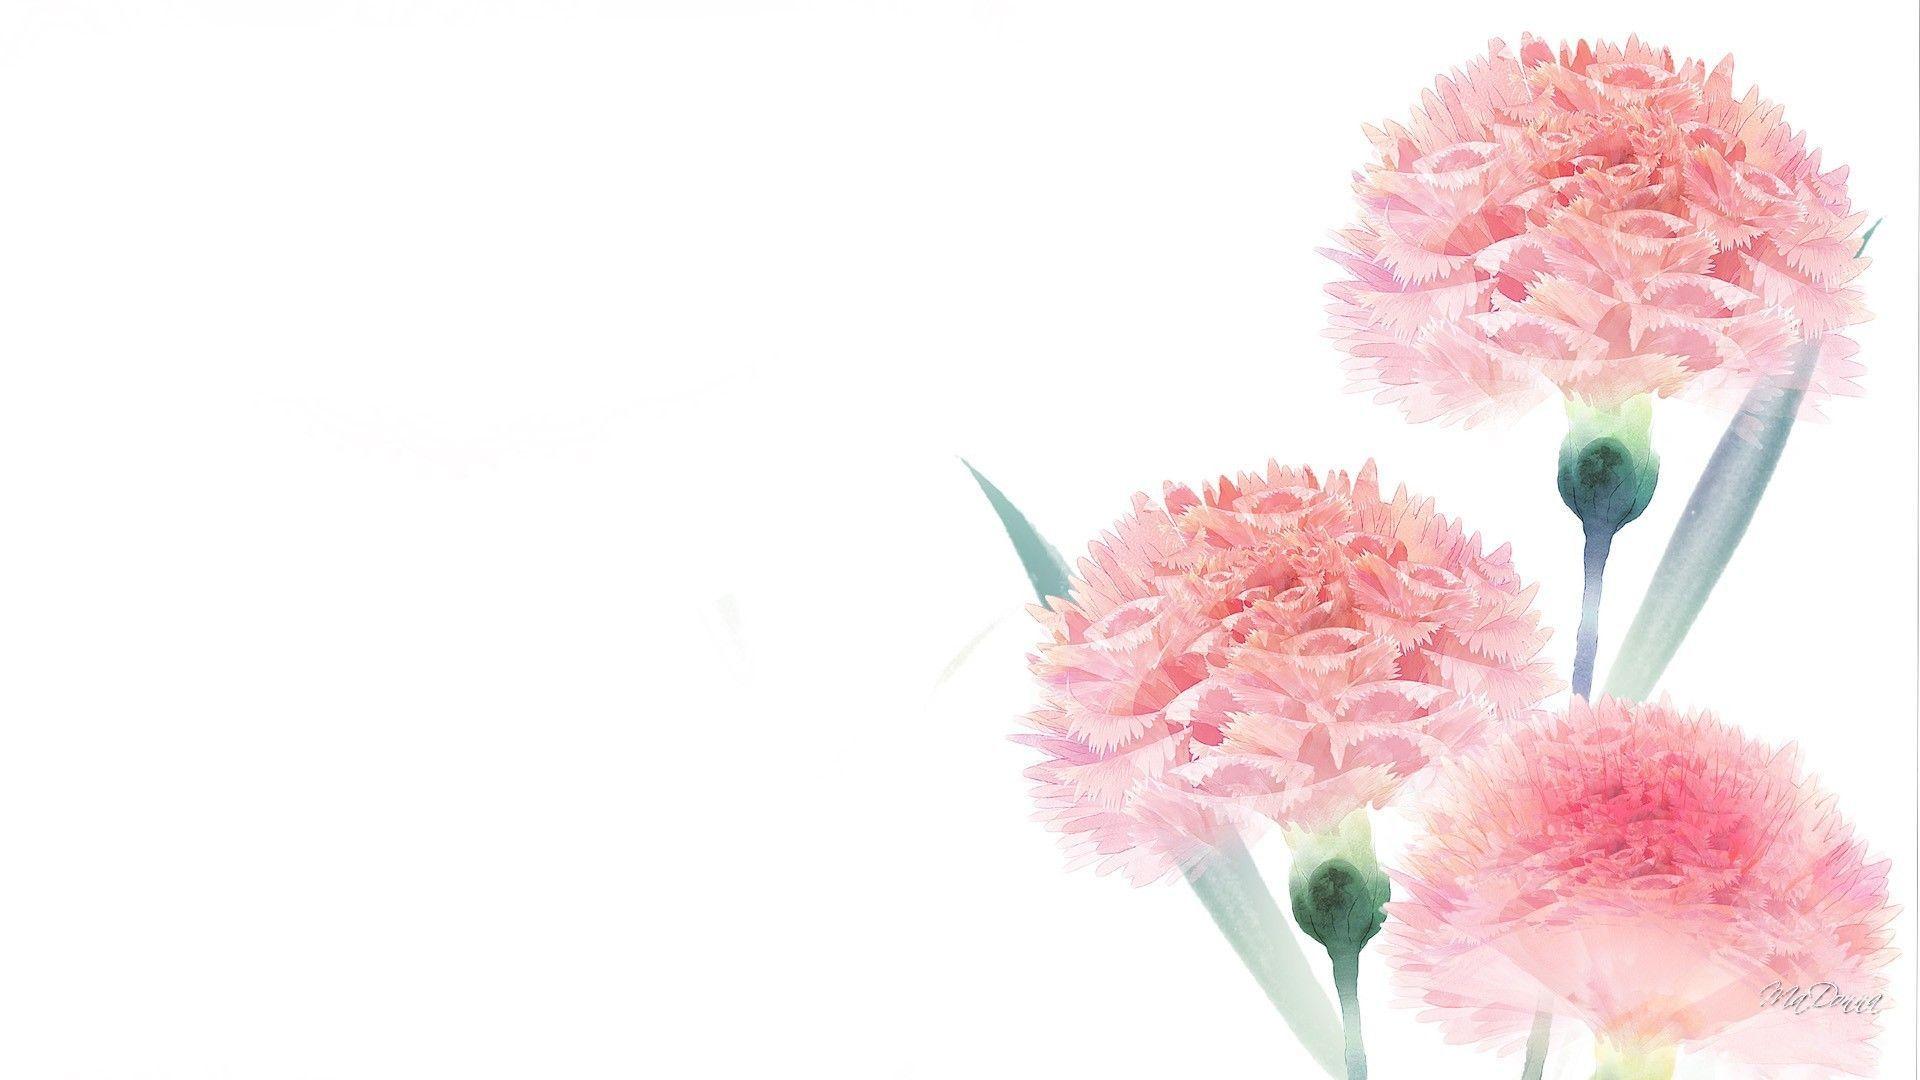 Free Download Simple Flower Desktop Wallpapers Top Simple Flower